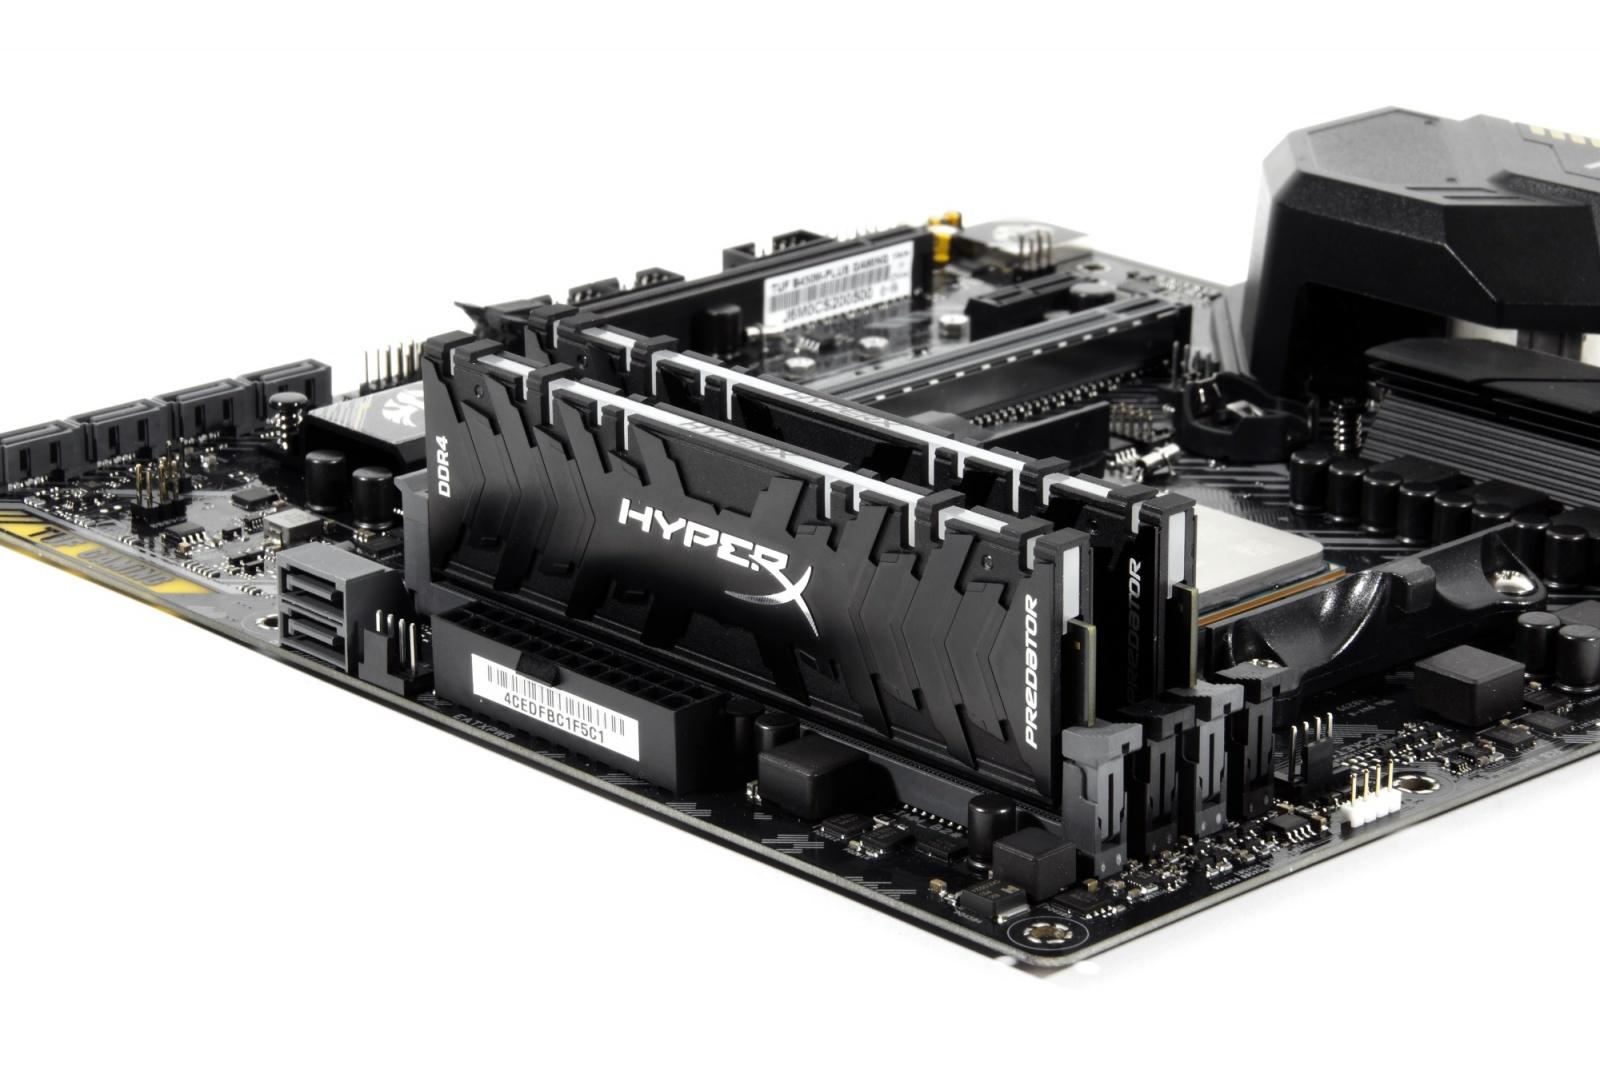 Скупой не платит дважды – настраиваем память на платформе AMD B450 и получаем бесплатную производительность - 7